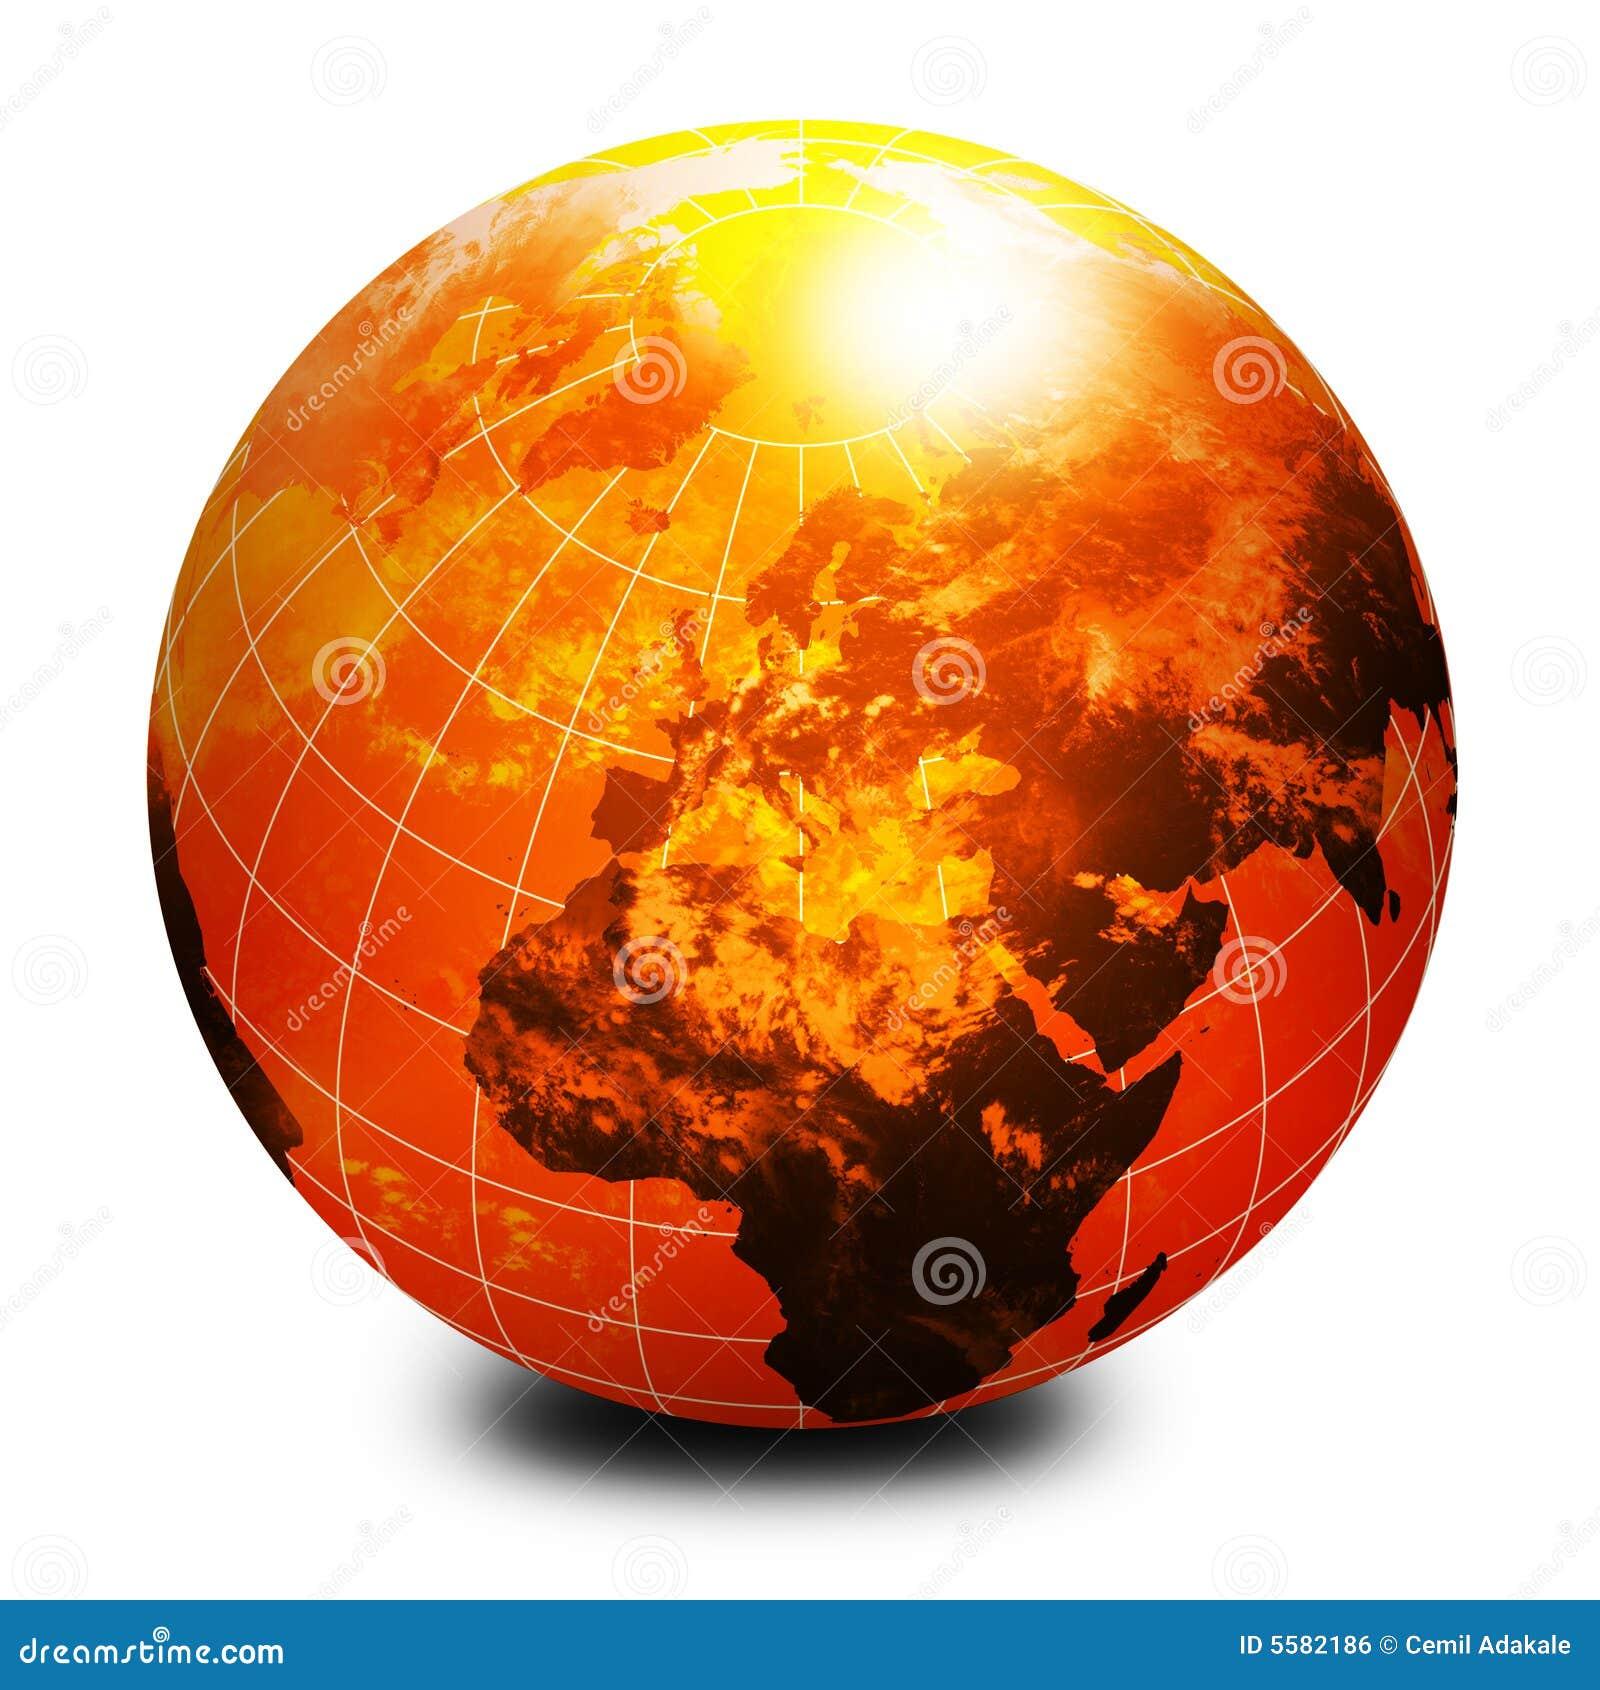 Orange World Globe Royalty Free Stock Image - Image: 5582186